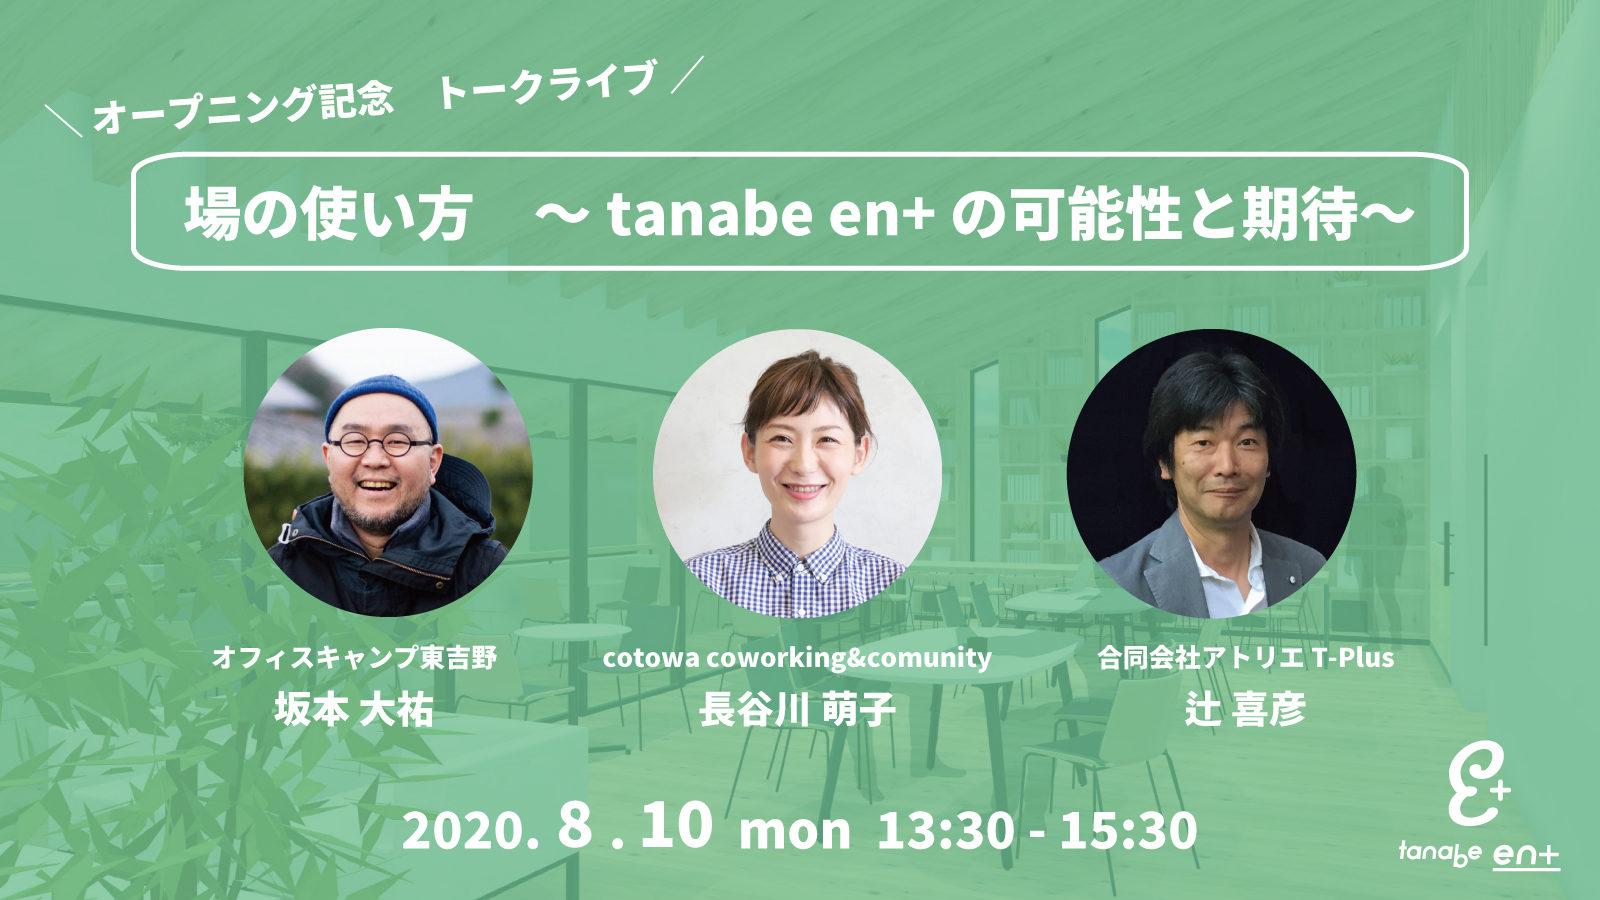 【トークライブ】場の使い方 ~tanabe en+の可能性と期待~